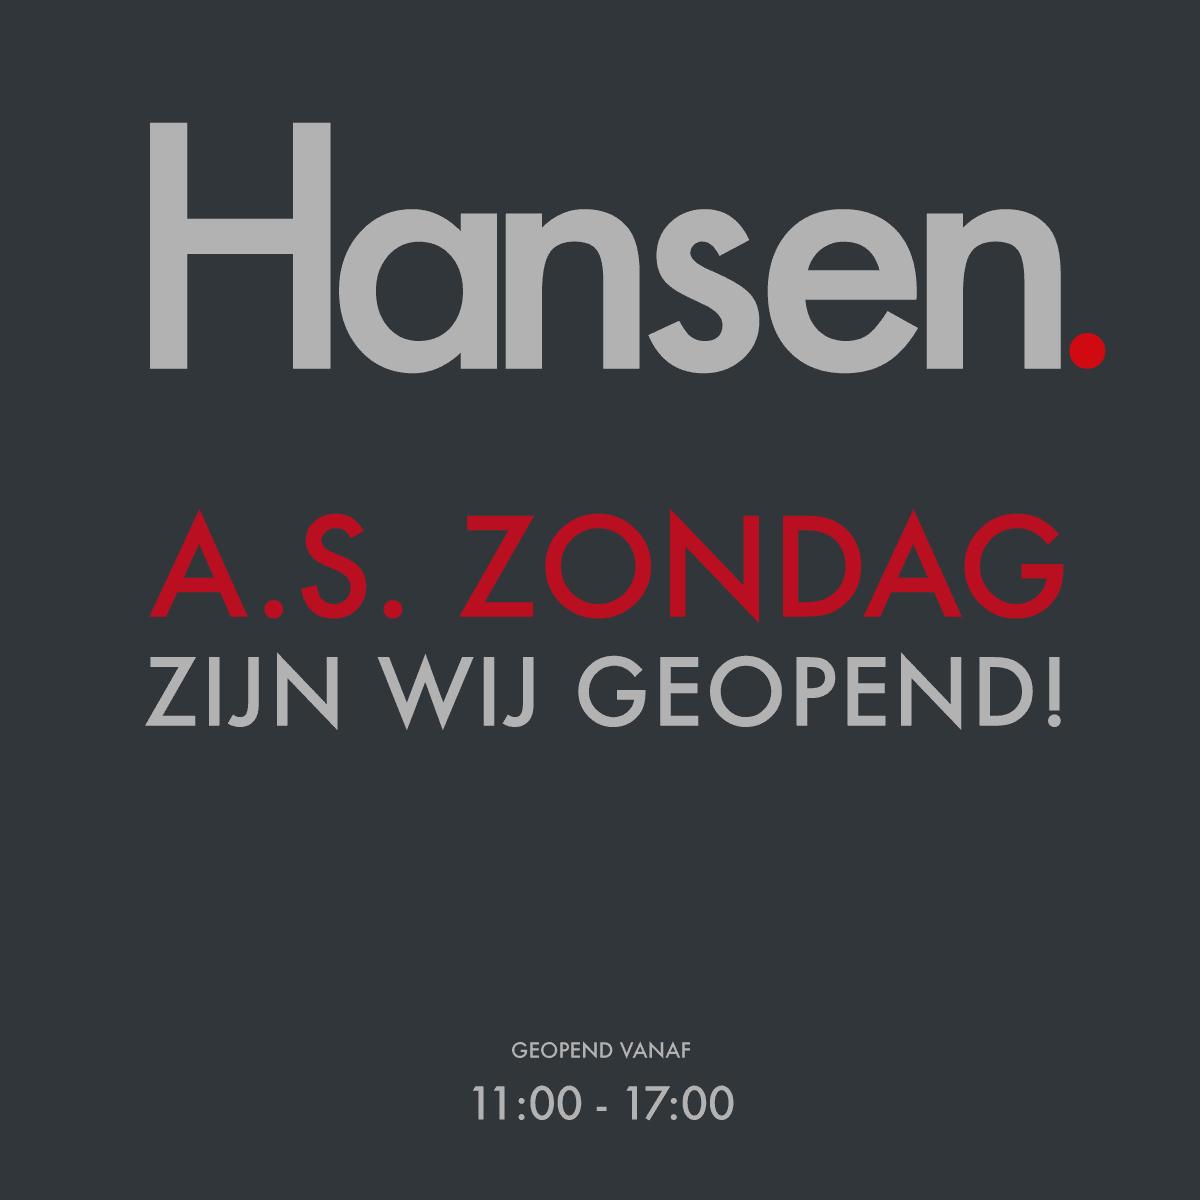 004-002_Hansen_zondag-geopend_2018